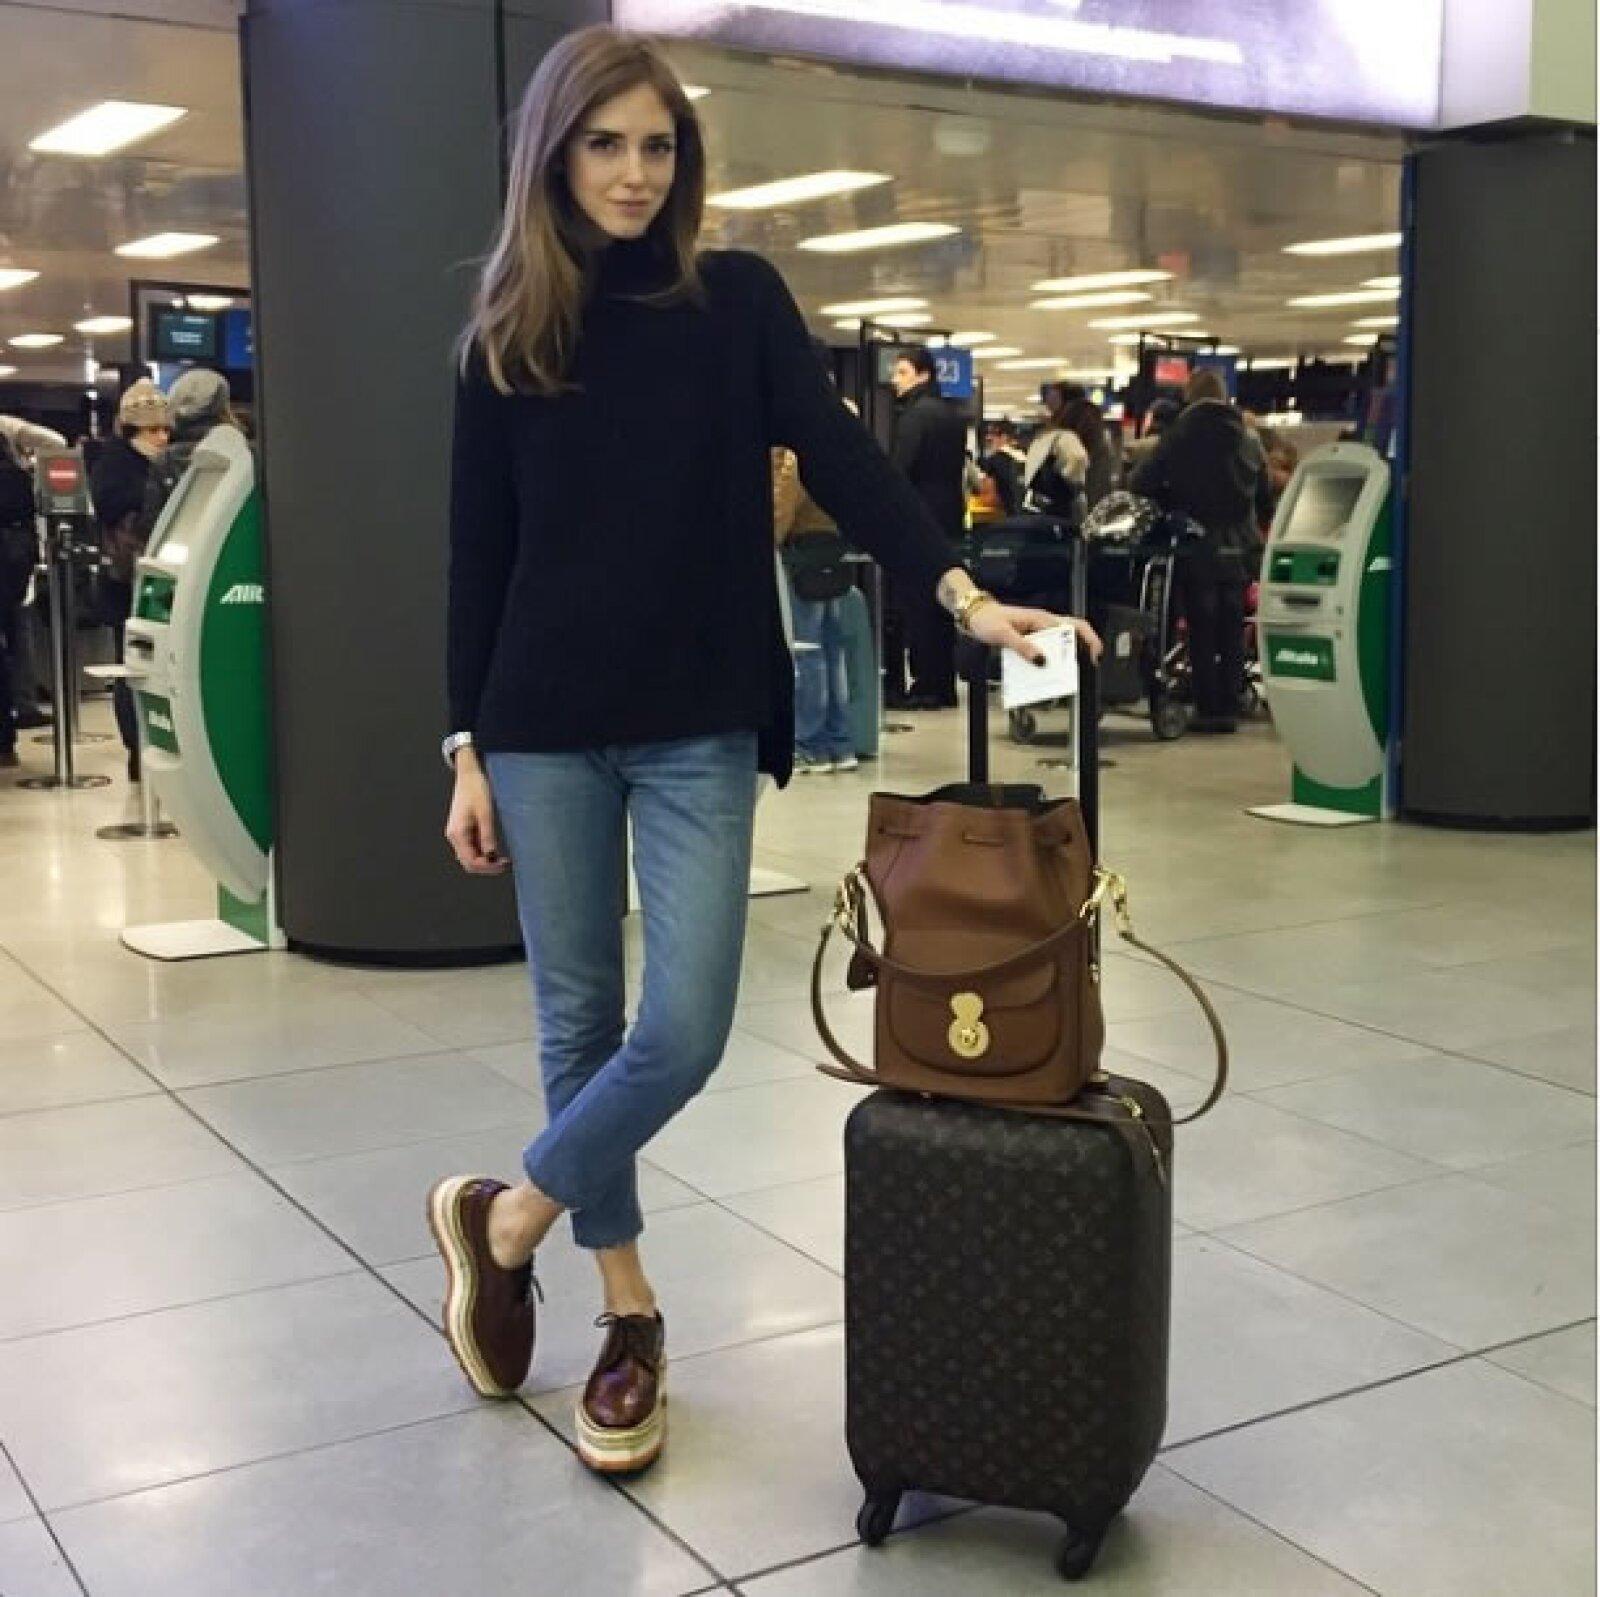 Sin duda alguna, la temporada más ocupada para cualquier blogger y editora es Fashion Week por lo que en esta ocasión optó por un look muy sencillo al llevar jeans Levis, un suéter negro de Anine Bing, flatforms Prada, y la backpack Ricky de Ralph Lauren.